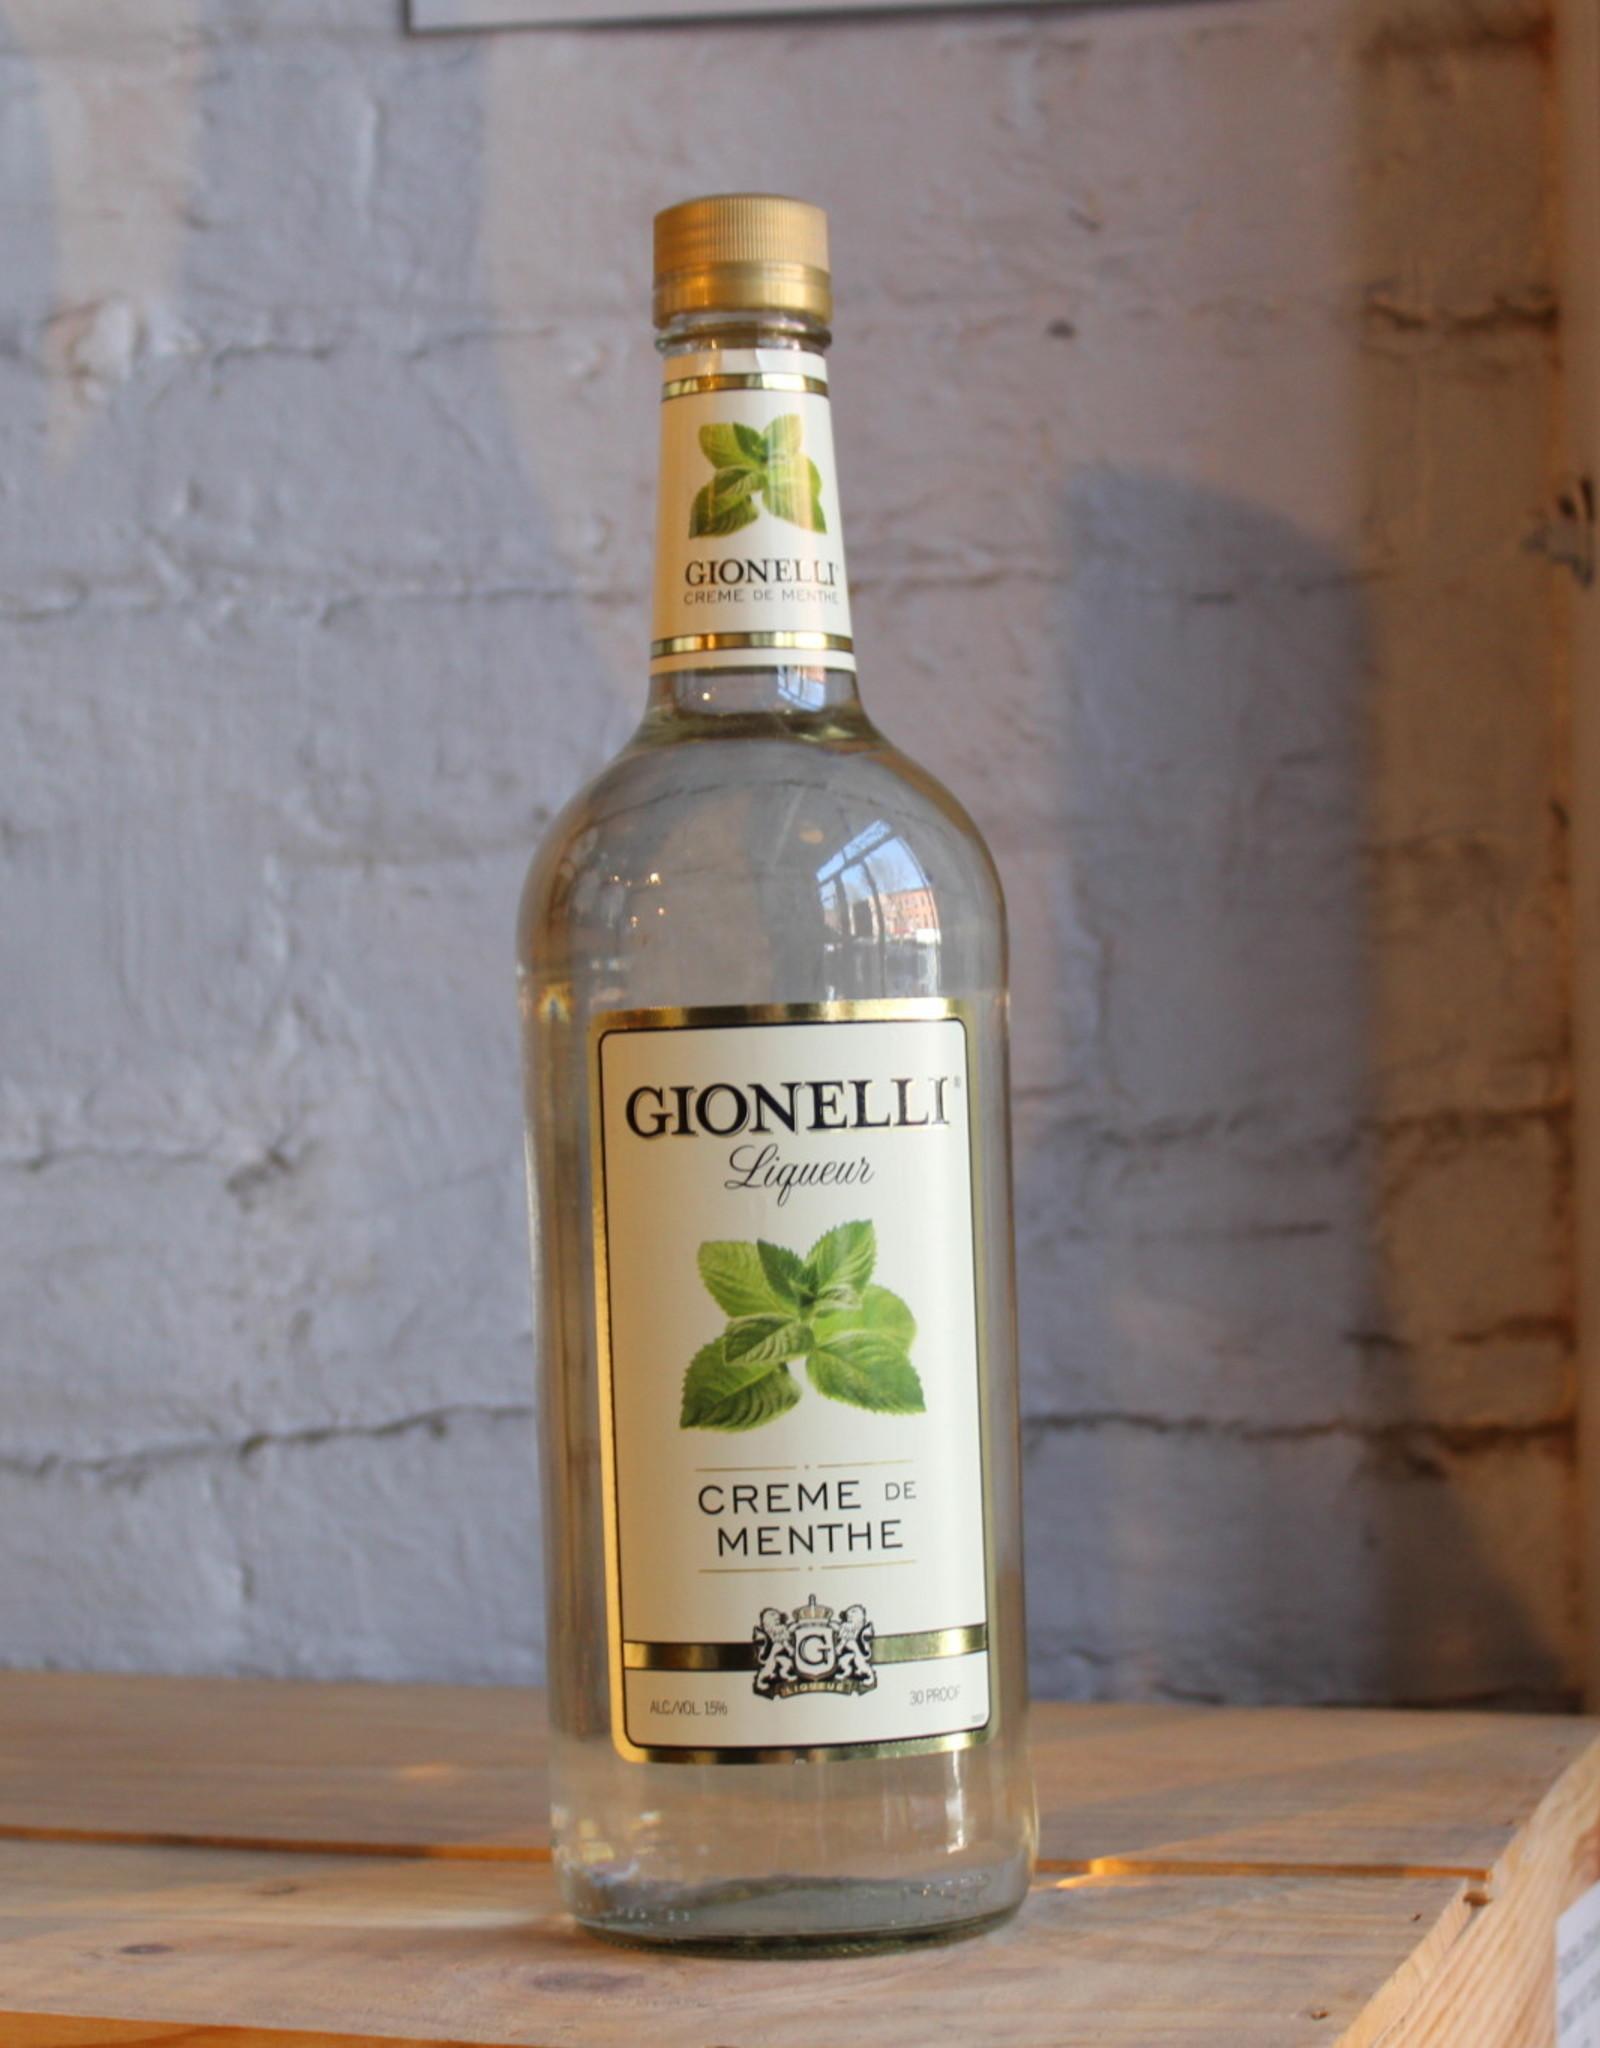 Gionelli Creme de Menthe White - Minnesota (1Ltr)